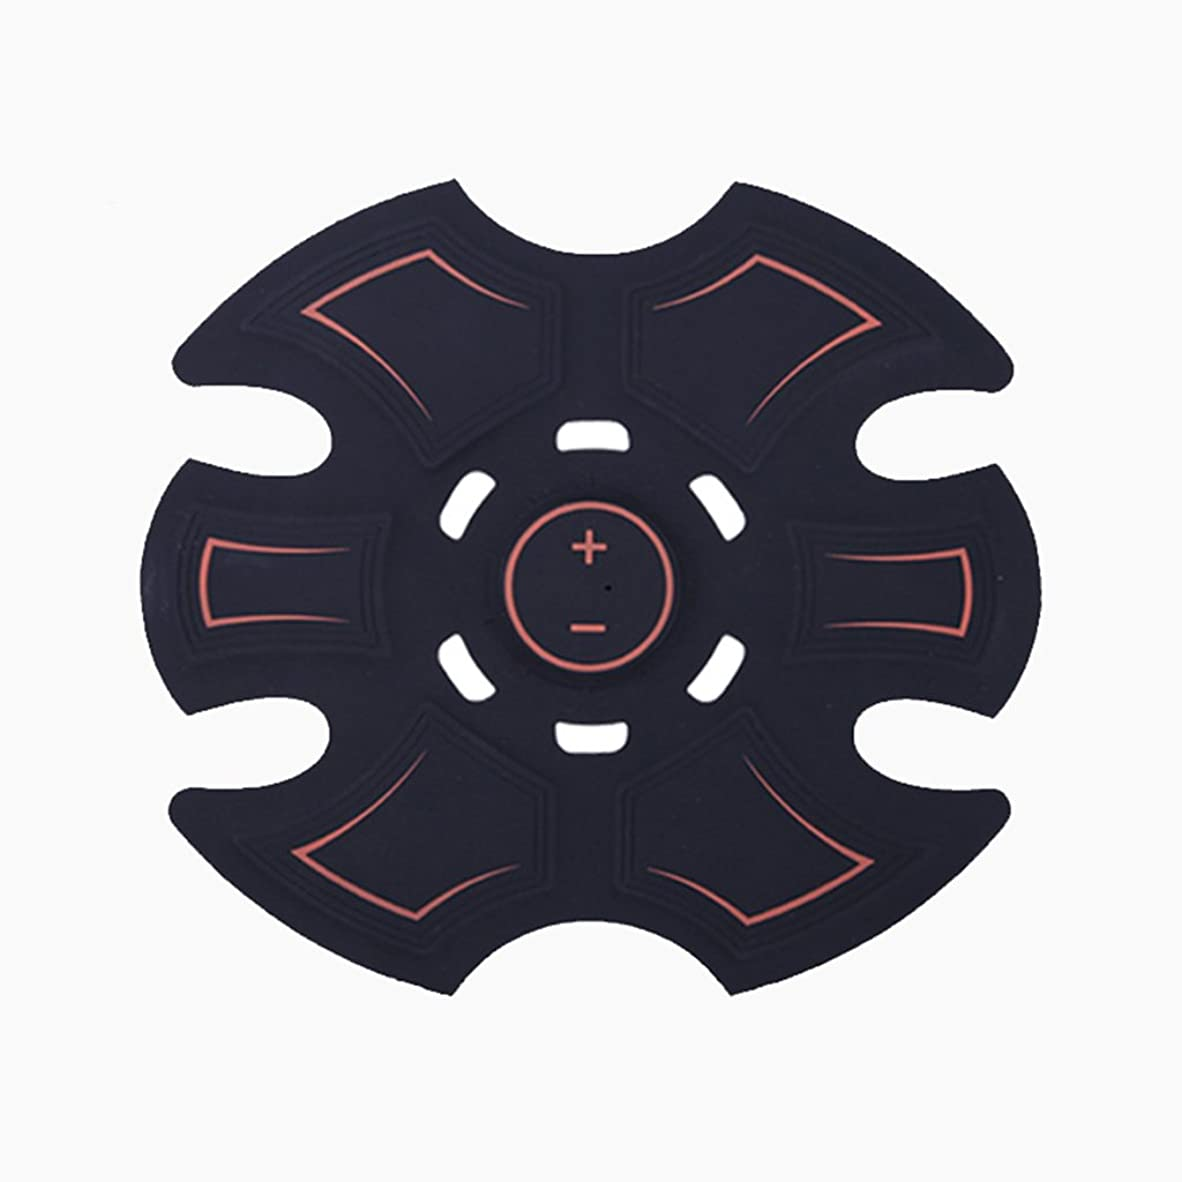 抽出滅びる広告主GBR- 2018ホットセールEMSフィットネスマッサージリラックスマッサージアブ腹筋マッサージ(黒)